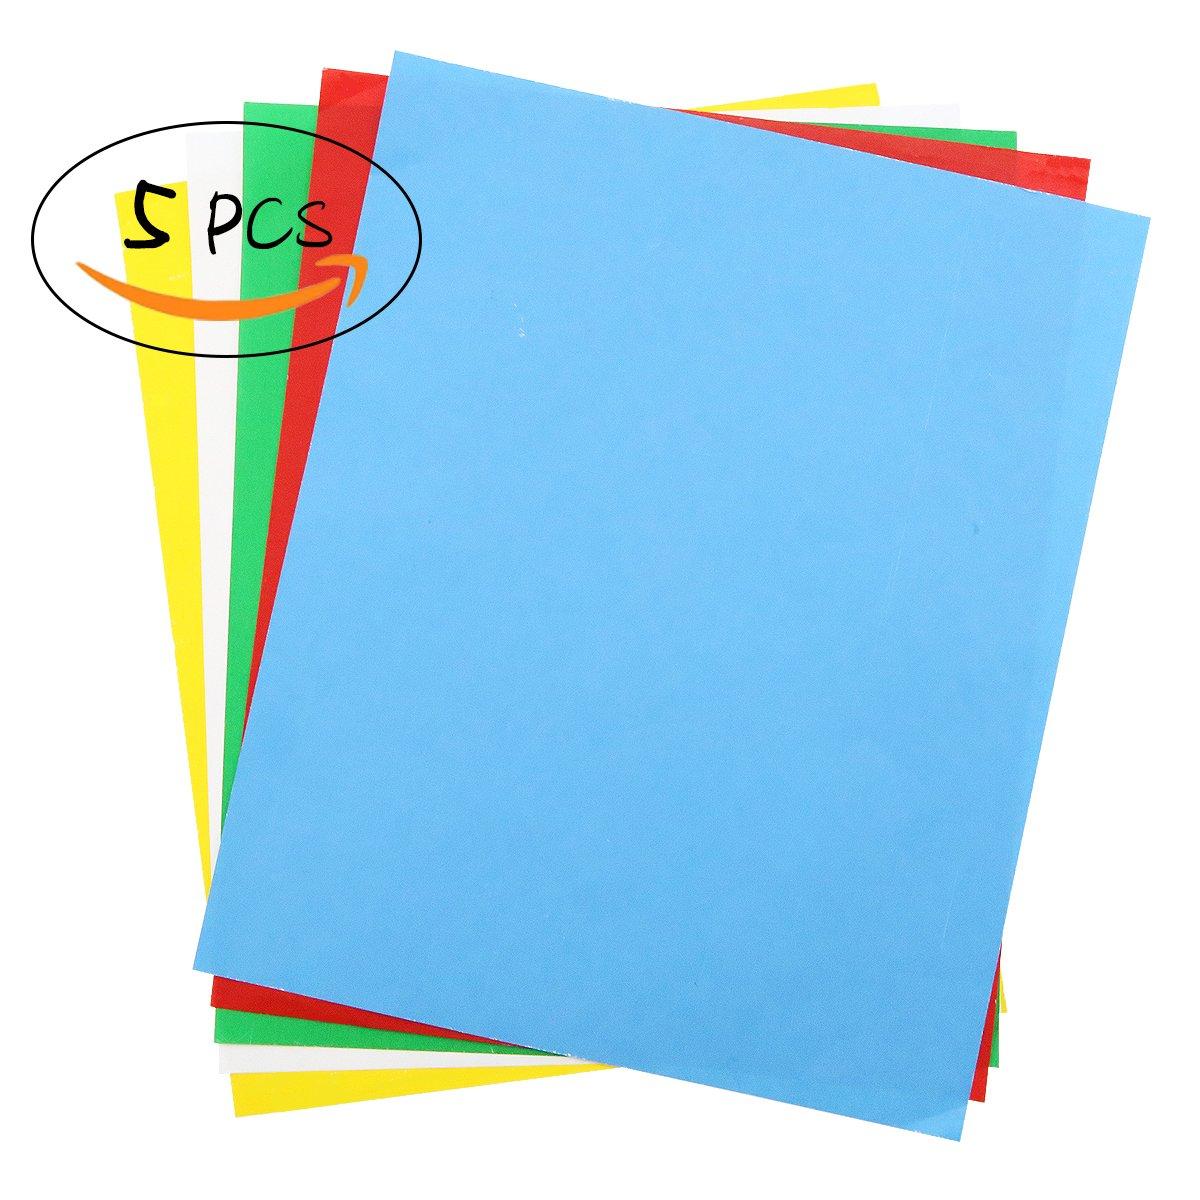 5pz transfer Paper, Carbon idrosolubile carta lucida 27,9cm × 22,9cm, trasferimento modello su stoffa, tessuto, tela, carta per casa cucito punto croce vernice 9cm × 22 GinoDirect